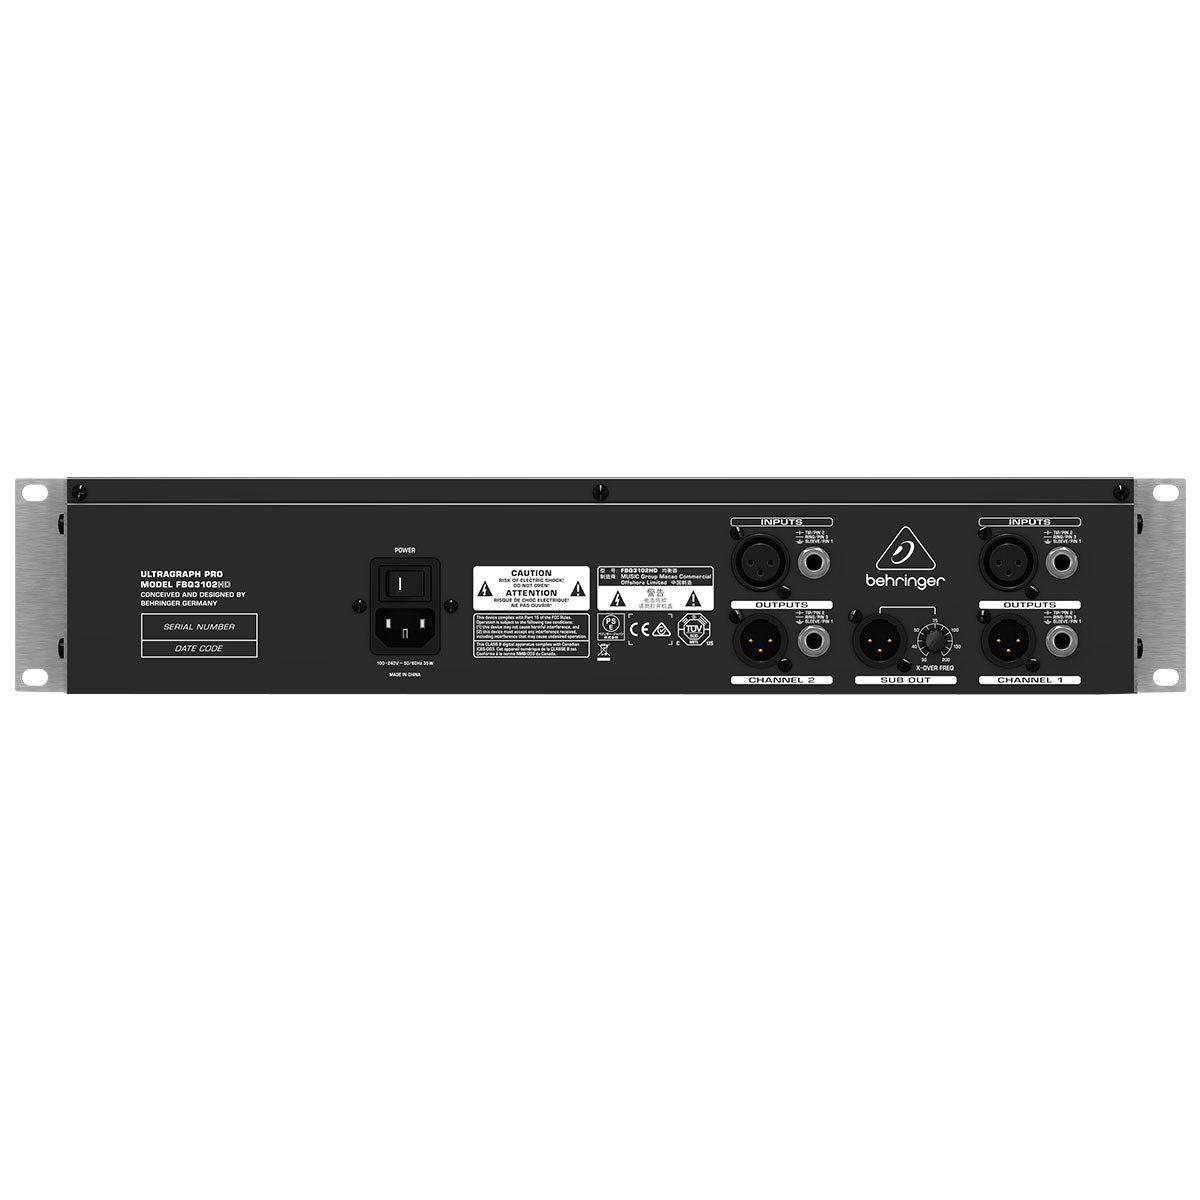 Equalizador Bivolt - FBQ3102HD - Behringer